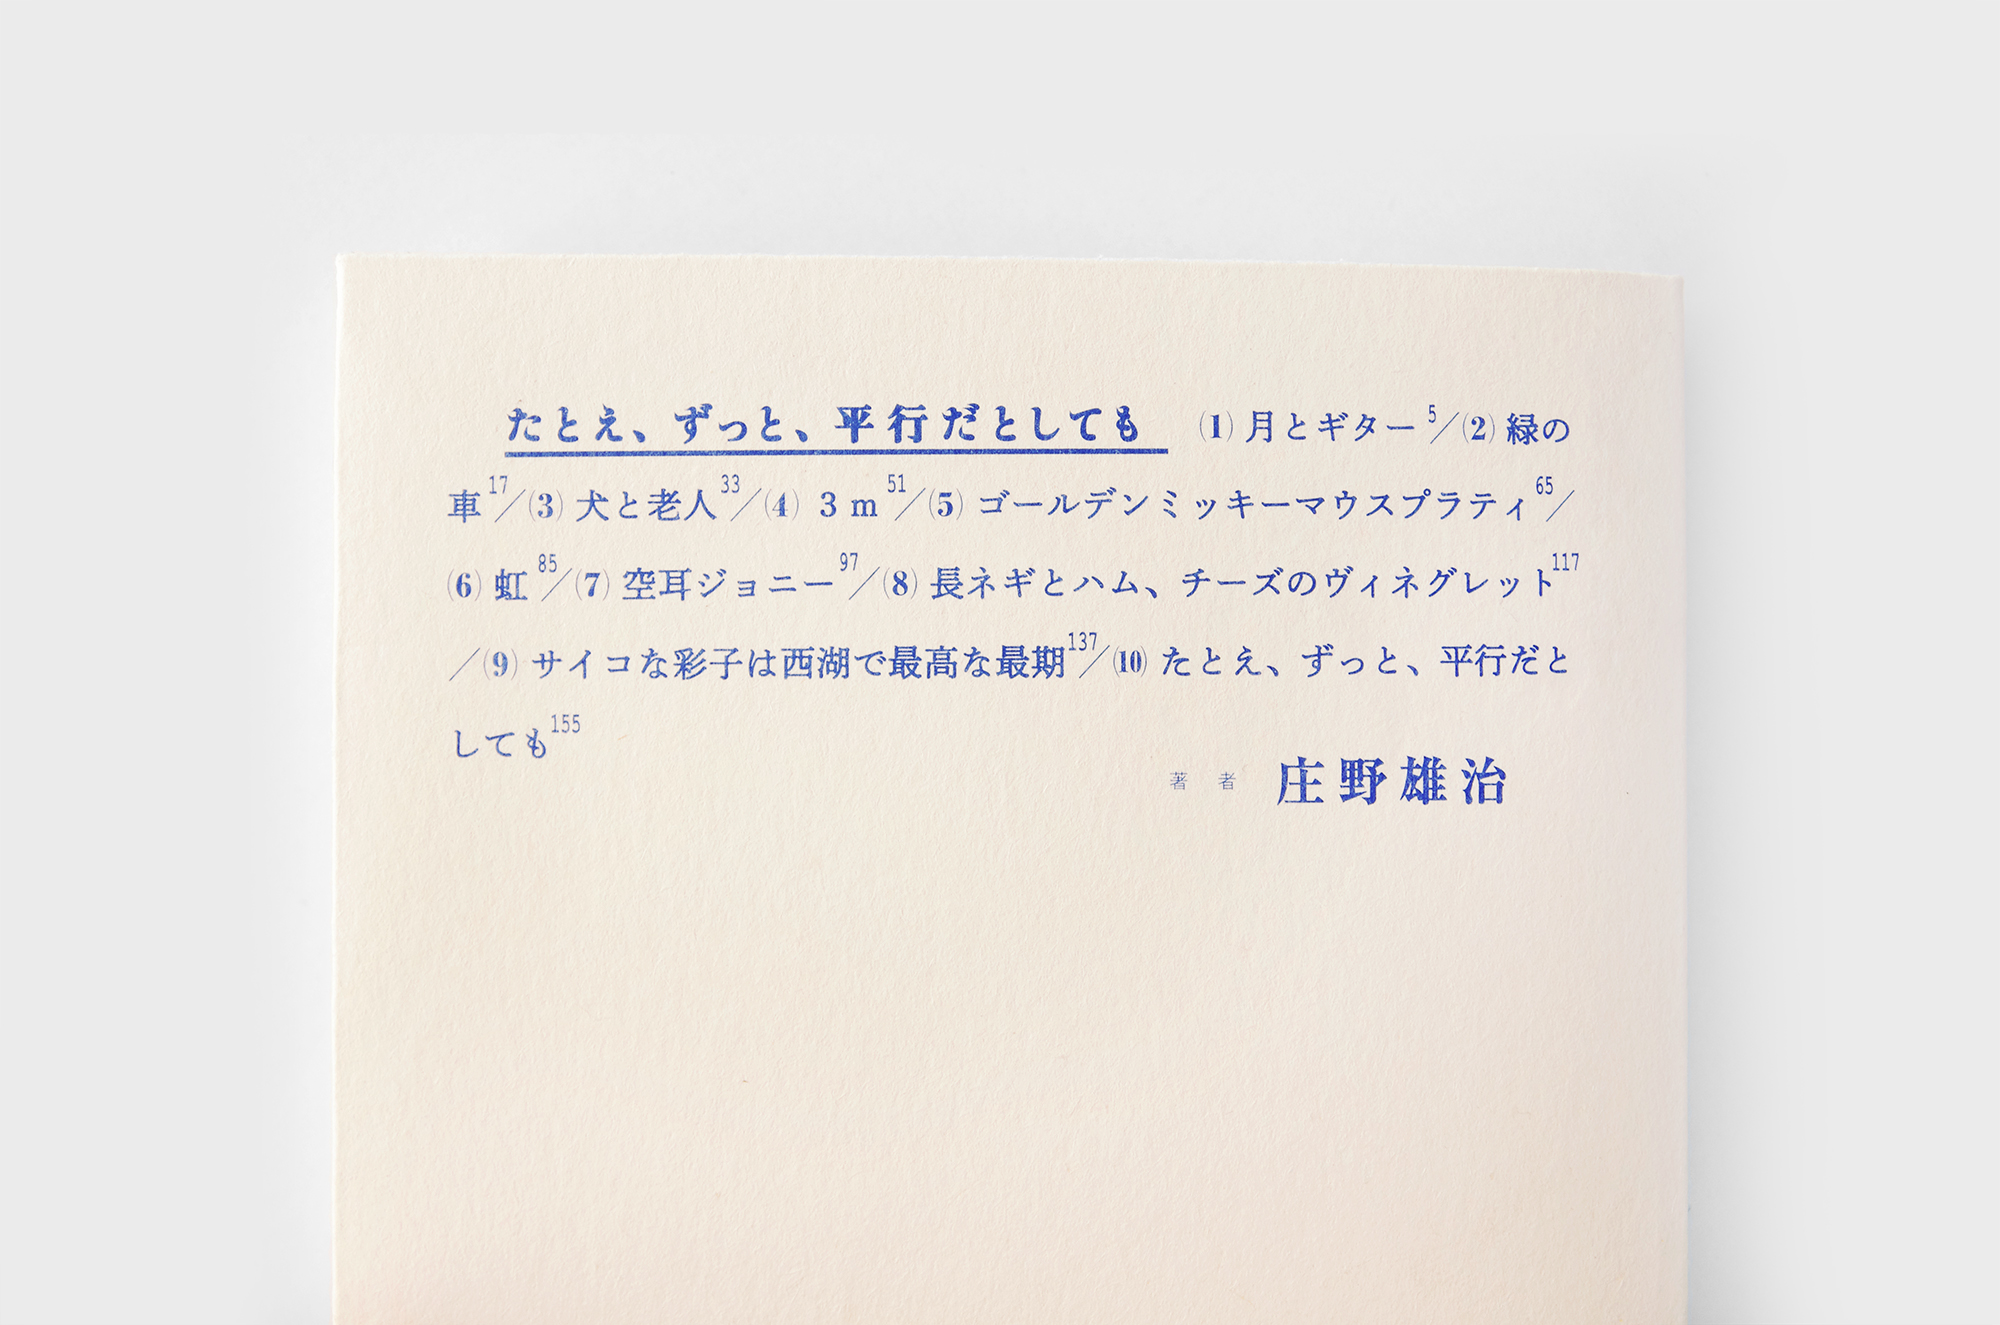 庄野雄治短編集『たとえ、ずっと、平行だとしても』発売日のお知らせ